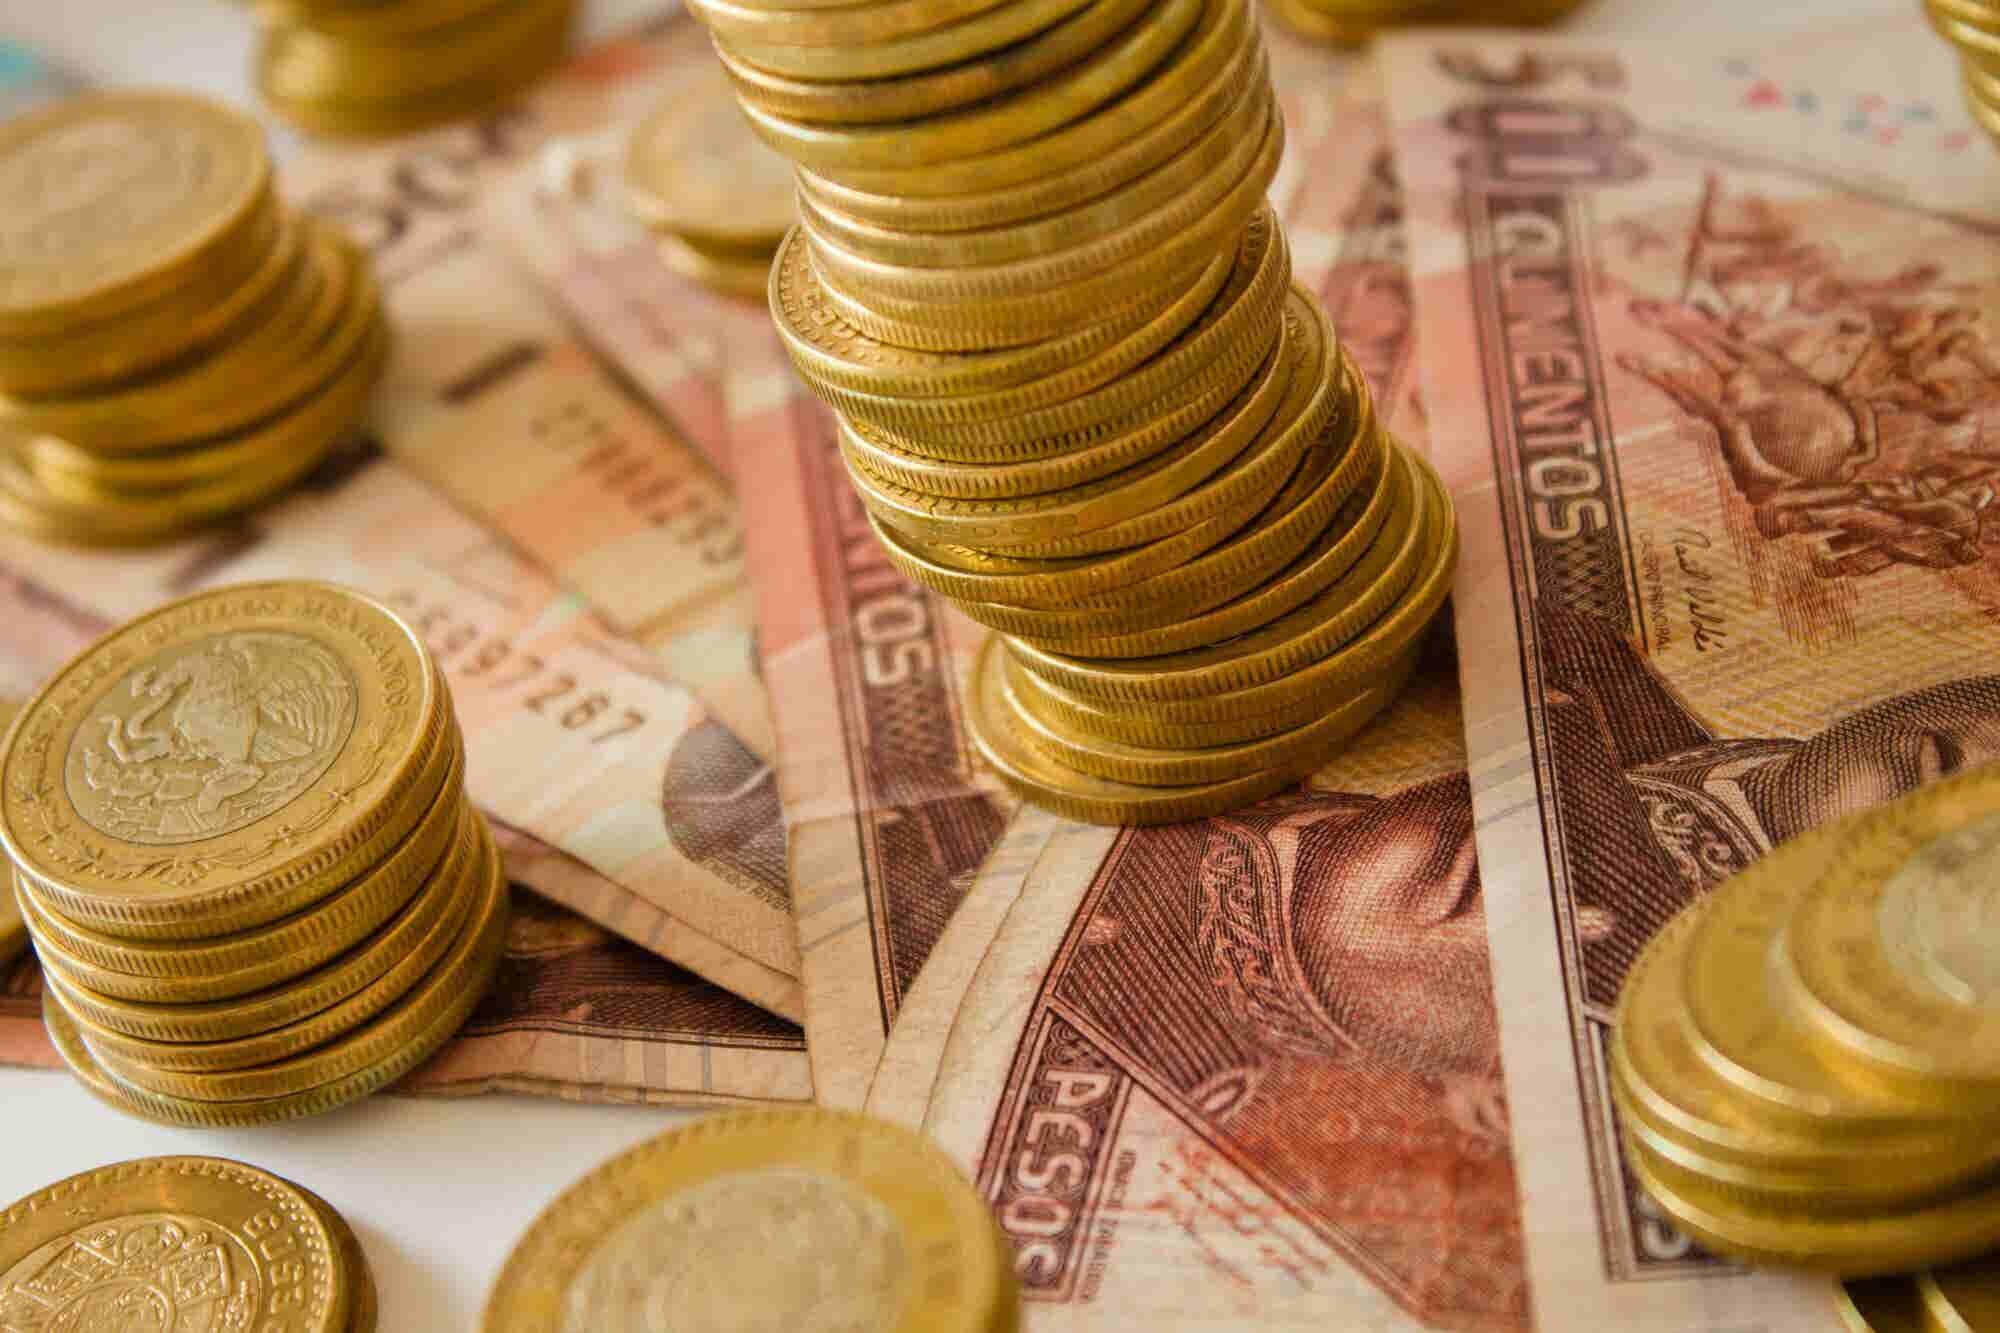 ¿Tienes una startup? INC Accelerator quiere darte 1 millón de pesos